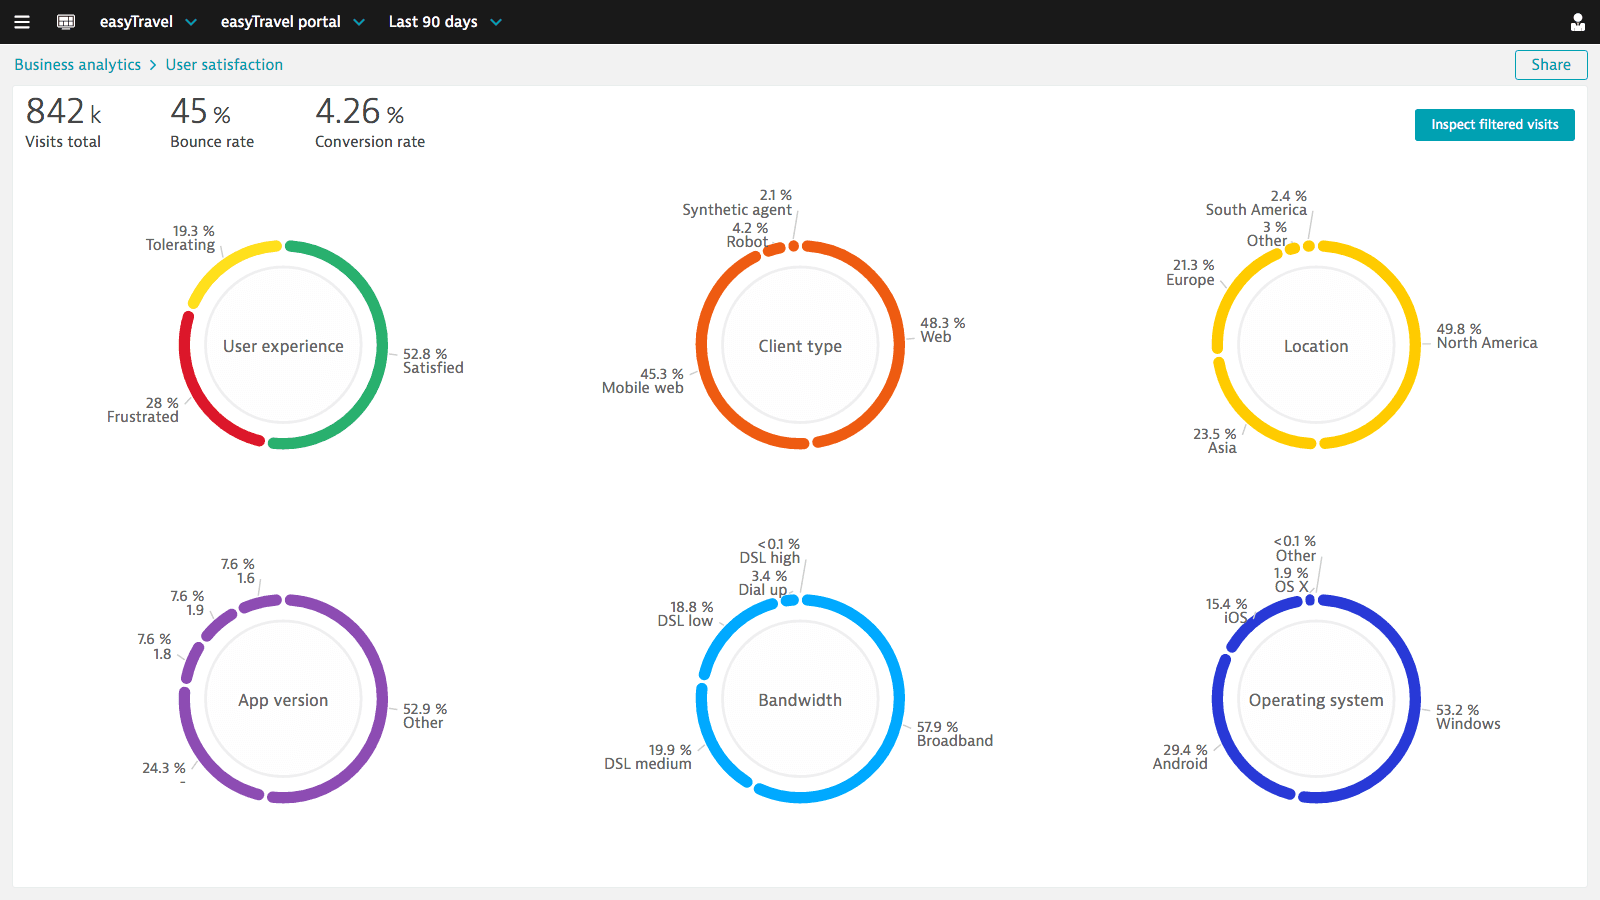 您可以充分利用 PureLytics 来更深入地了解您的客户,根据实时数据解答用户行为问题。